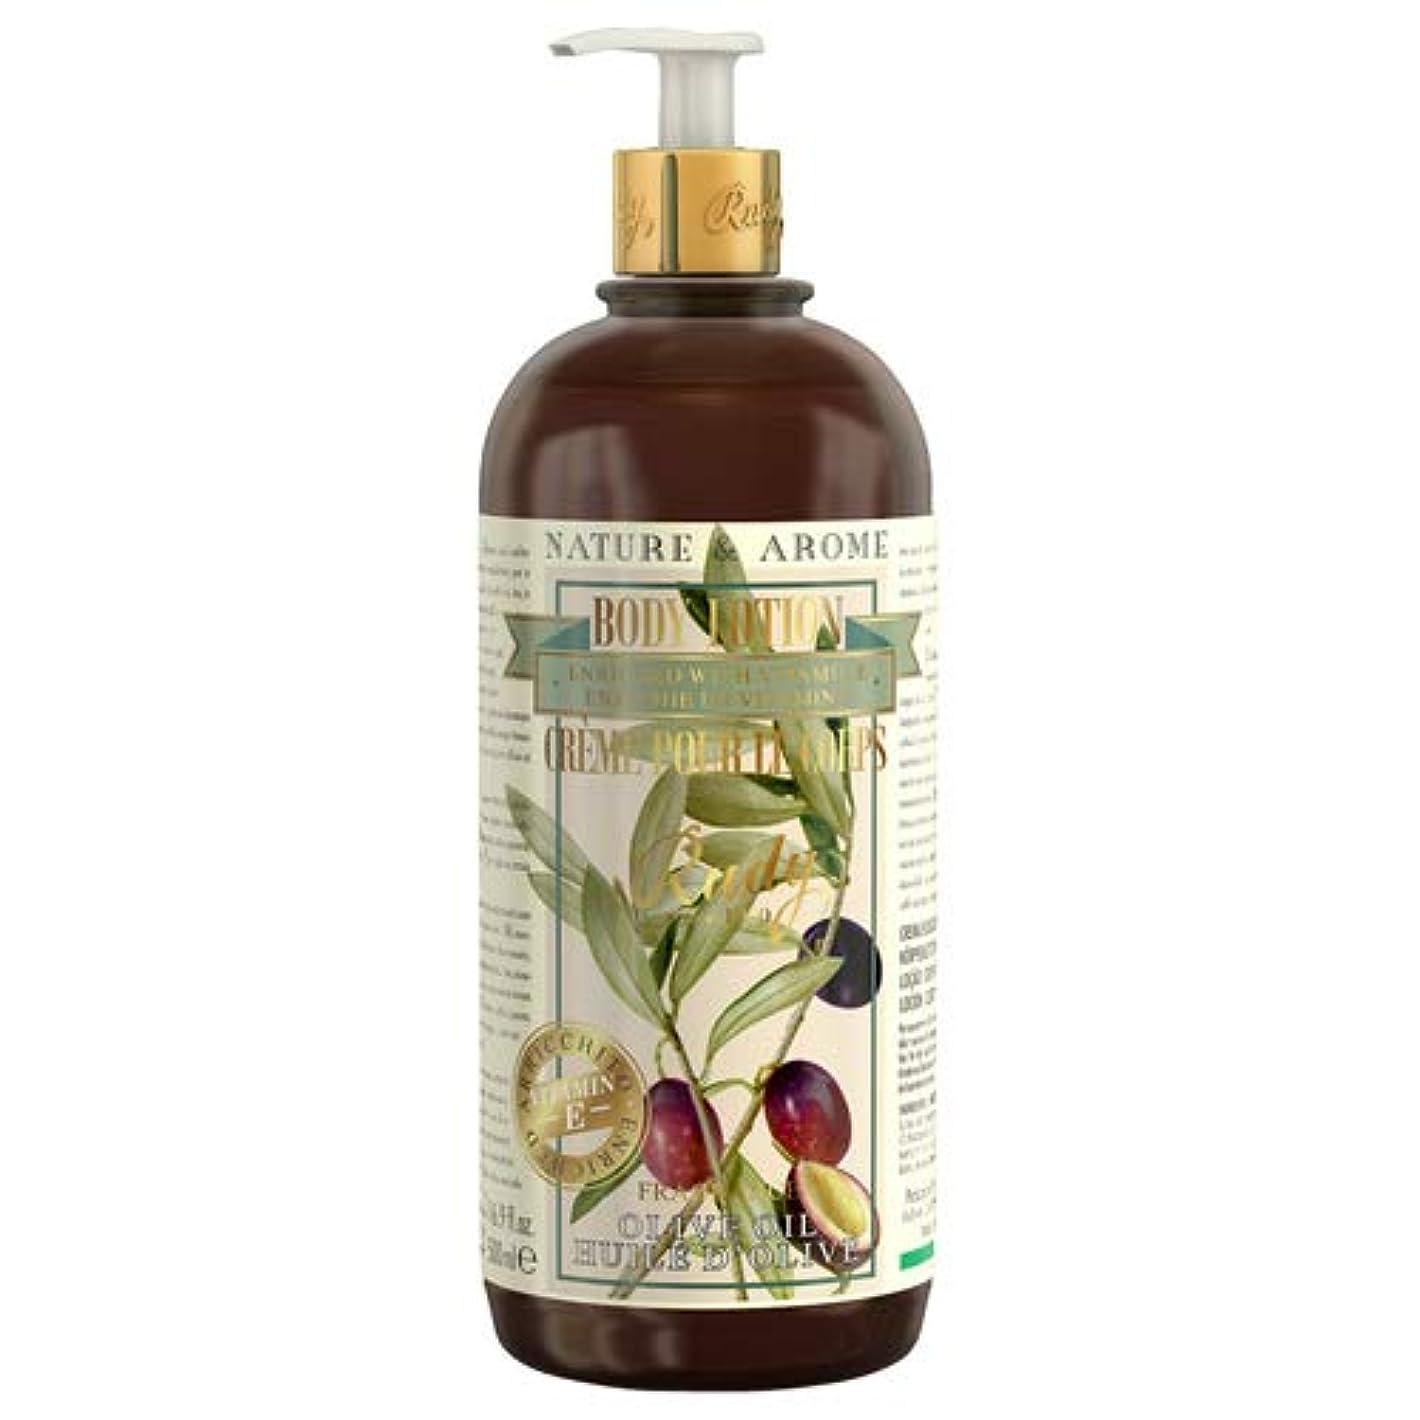 民族主義地図発火するルディ(Rudy) RUDY Nature&Arome Apothecary ネイチャーアロマ アポセカリー Body Lotion ボディローション Olive Oil オリーブオイル